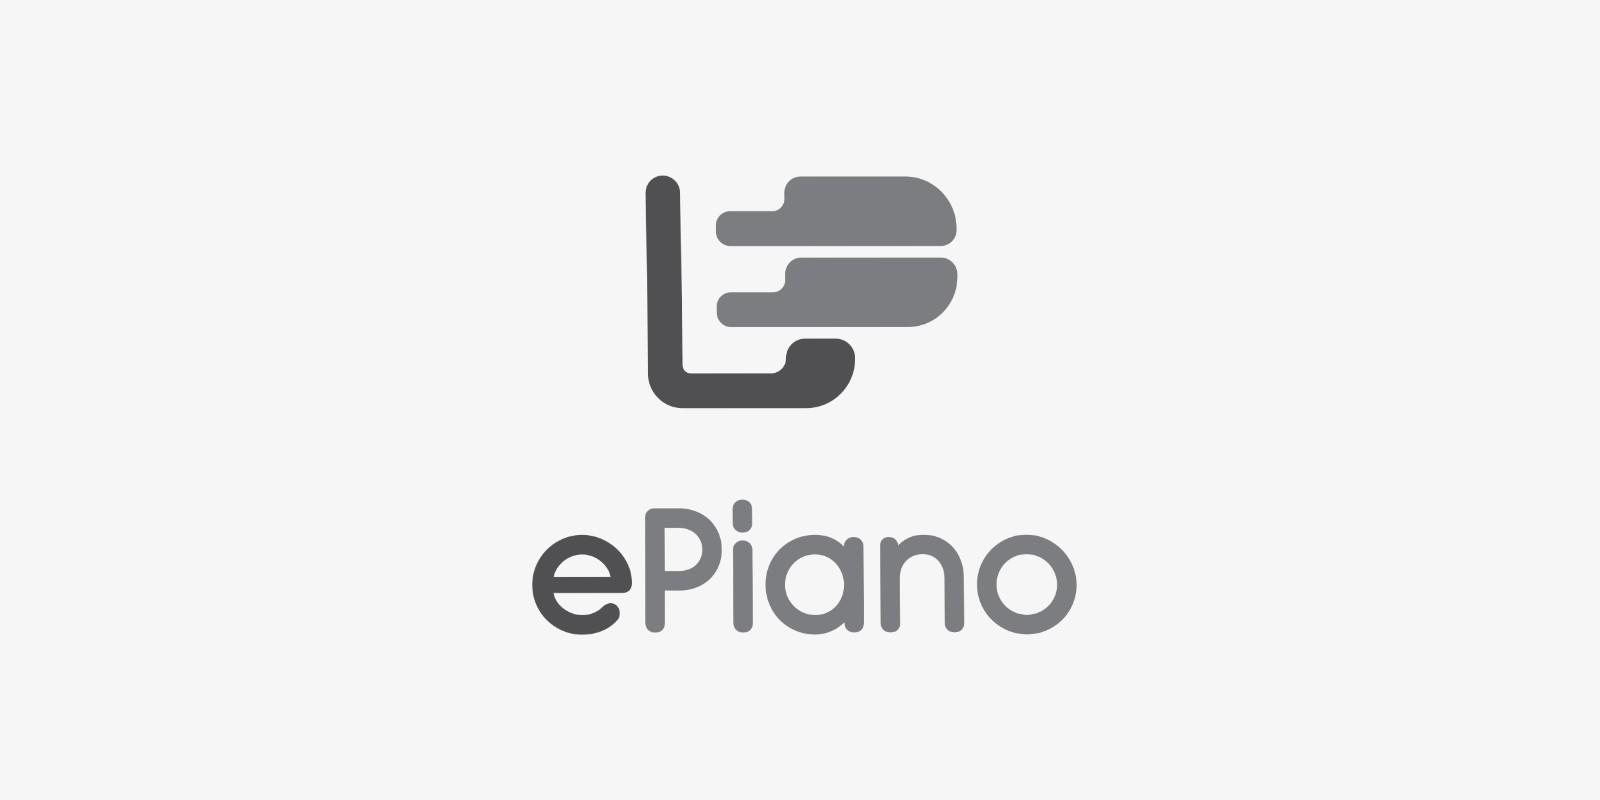 E Piano Logo